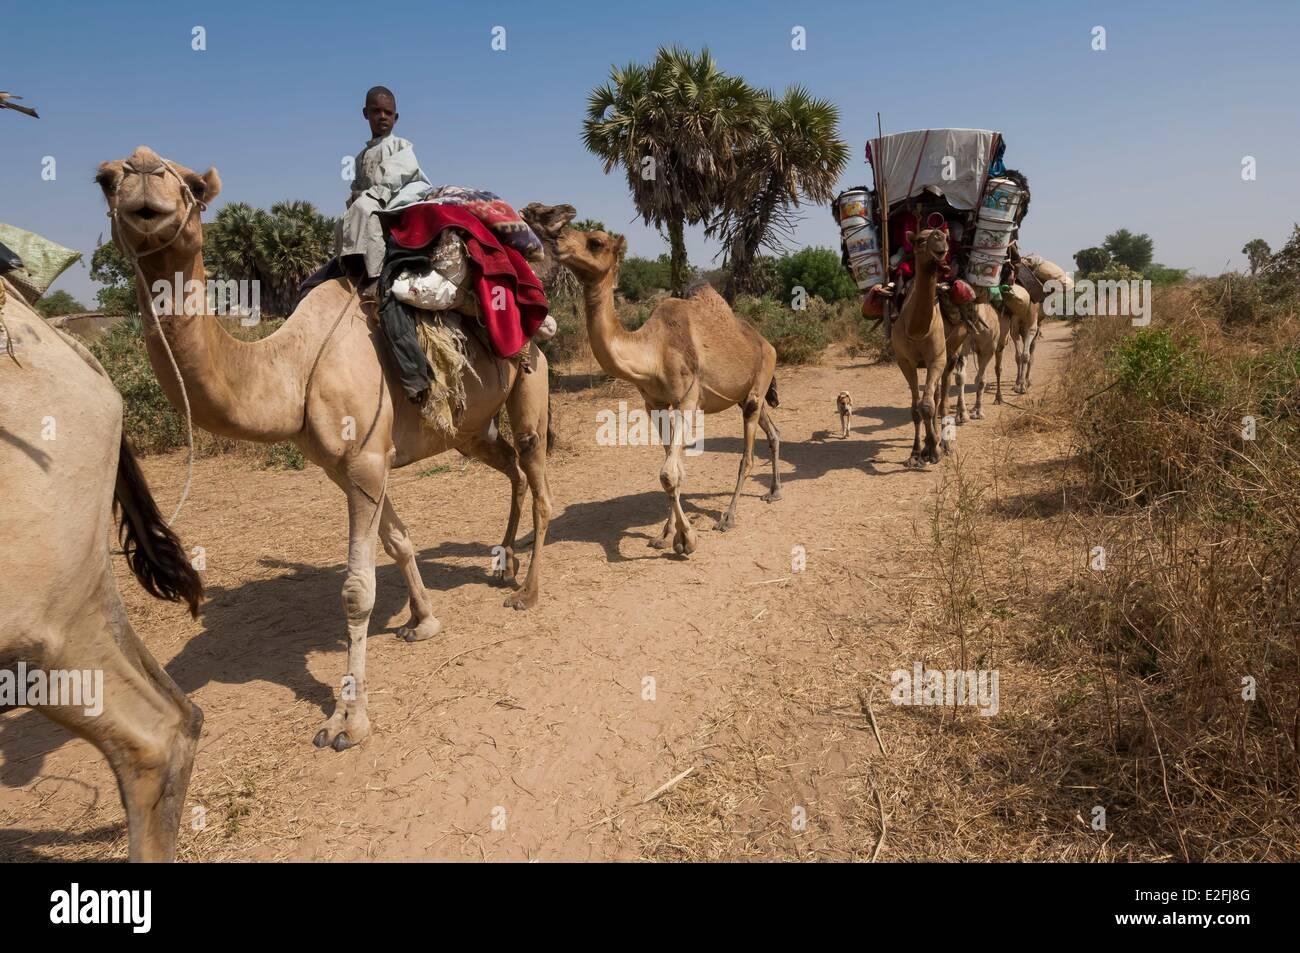 Le Tchad, Sahel, Madoubou savannah, la migration des pays arabes nomades, avec leurs chameaux Photo Stock